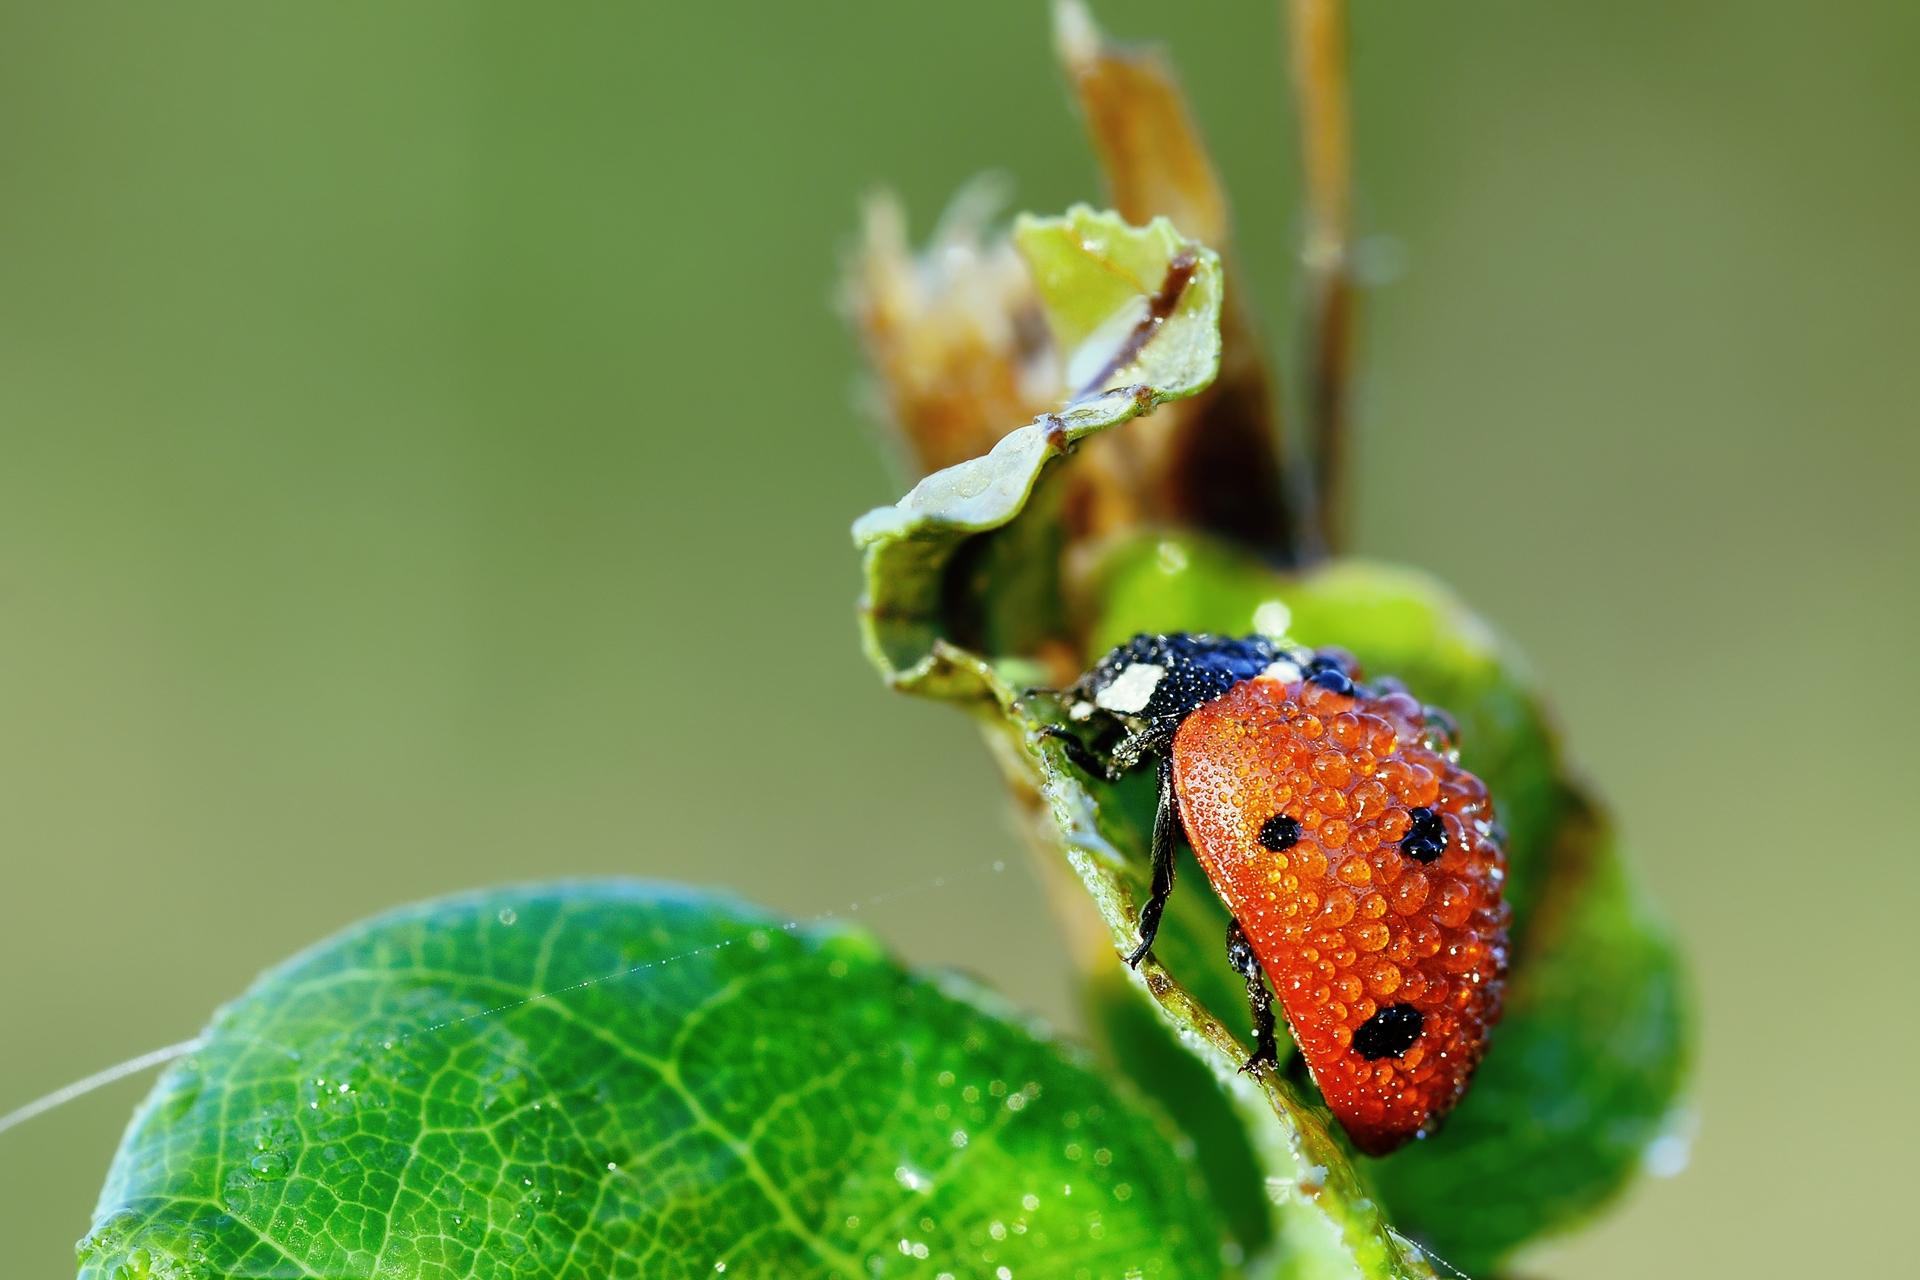 103992 Hintergrundbild herunterladen Grass, Marienkäfer, Drops, Makro, Nass, Ladybird, Tau, Feucht - Bildschirmschoner und Bilder kostenlos